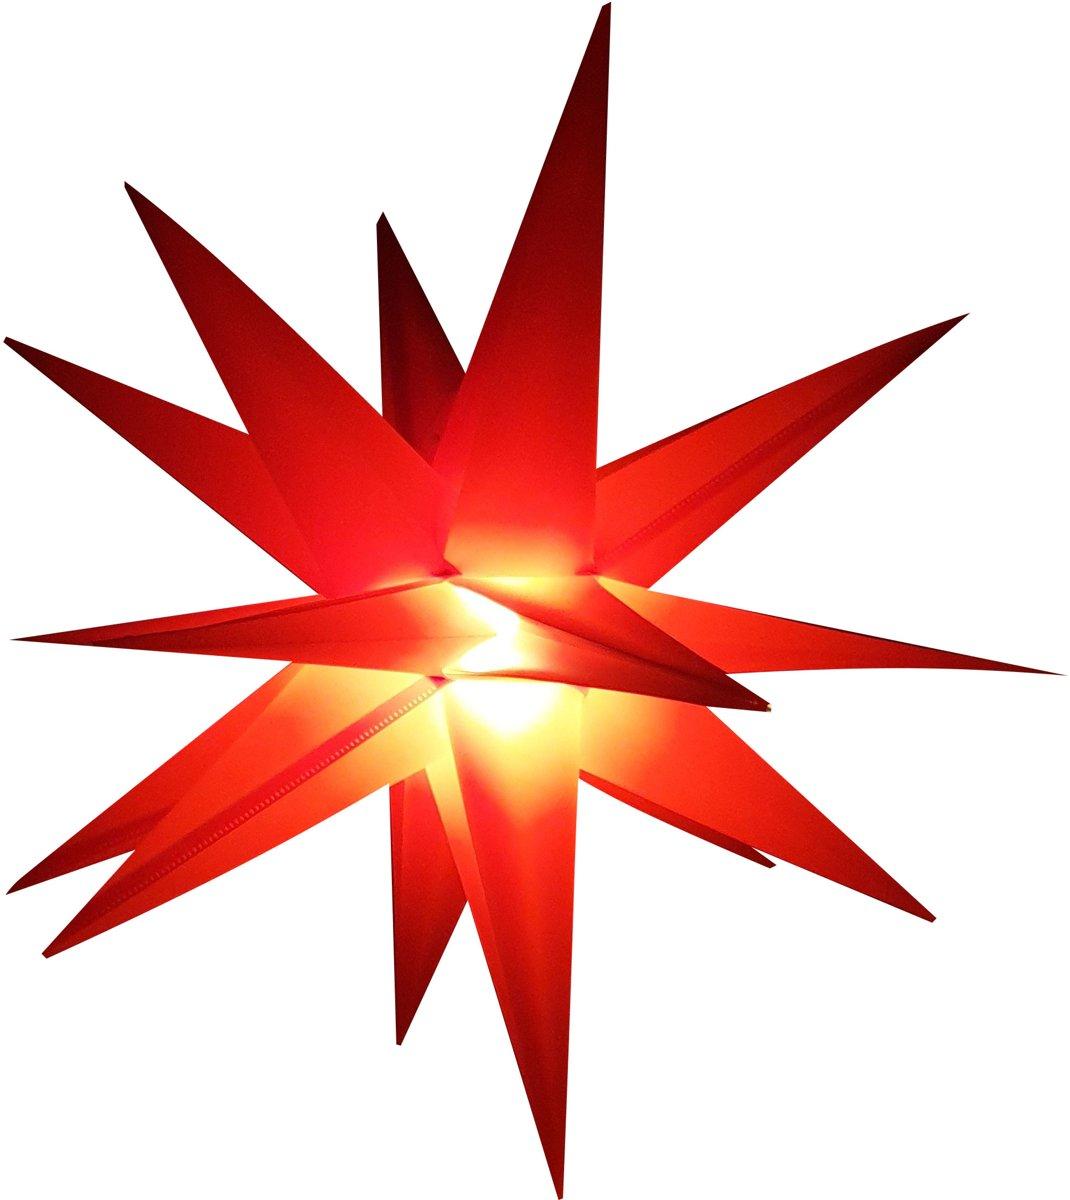 LED Kerstster rood, Adventster, kerstverlichting voor buitengebruik kopen